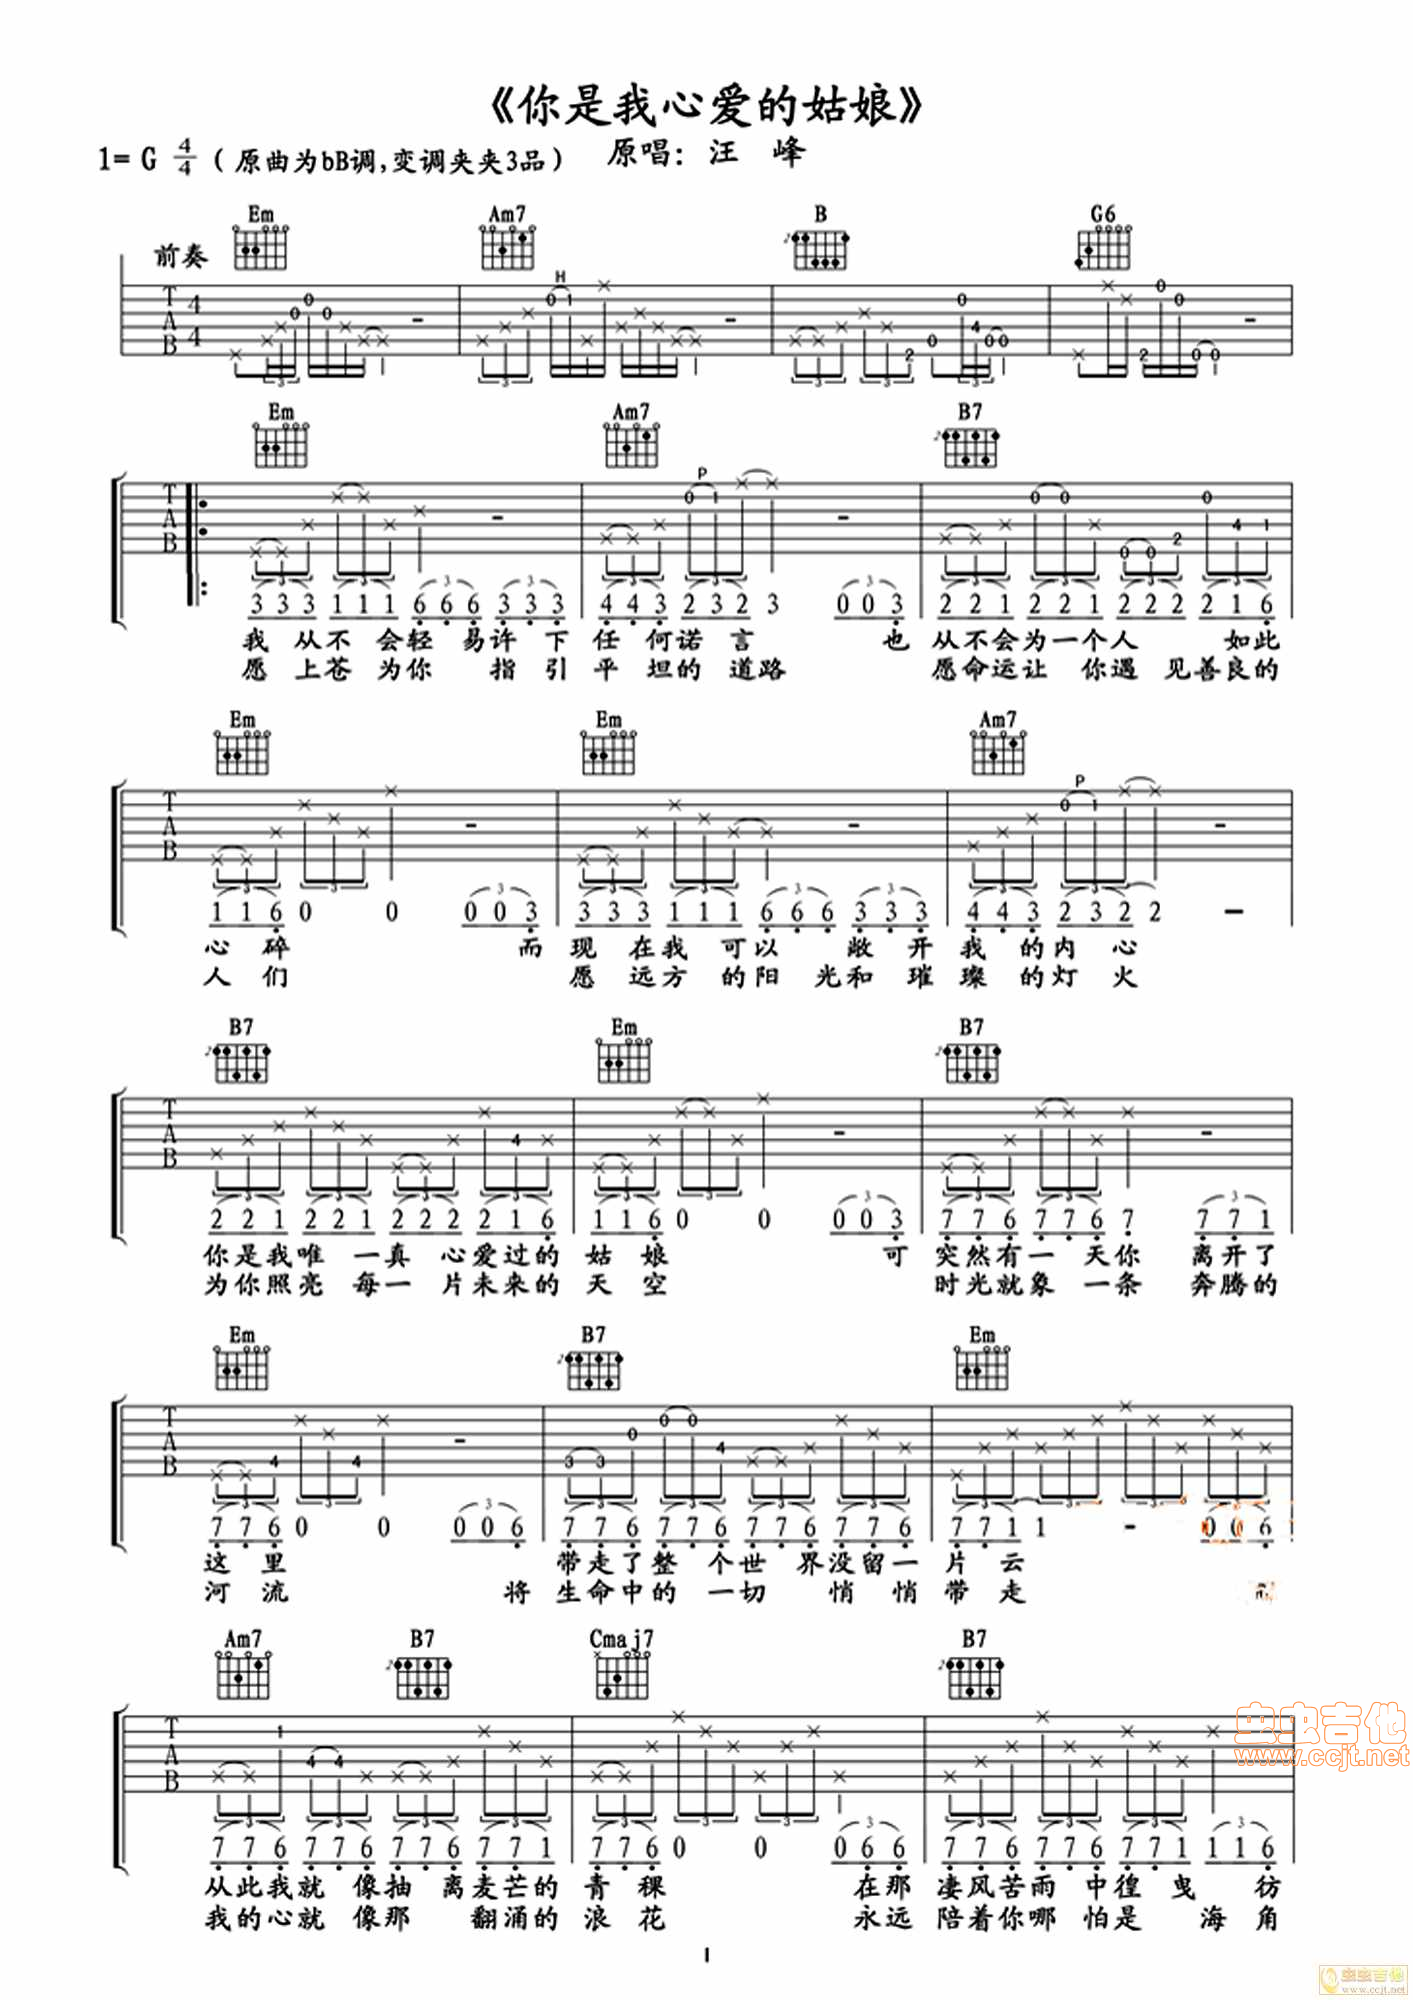 你是我心爱的姑娘 汪峰G调六线吉他谱 虫虫吉他谱免费下载